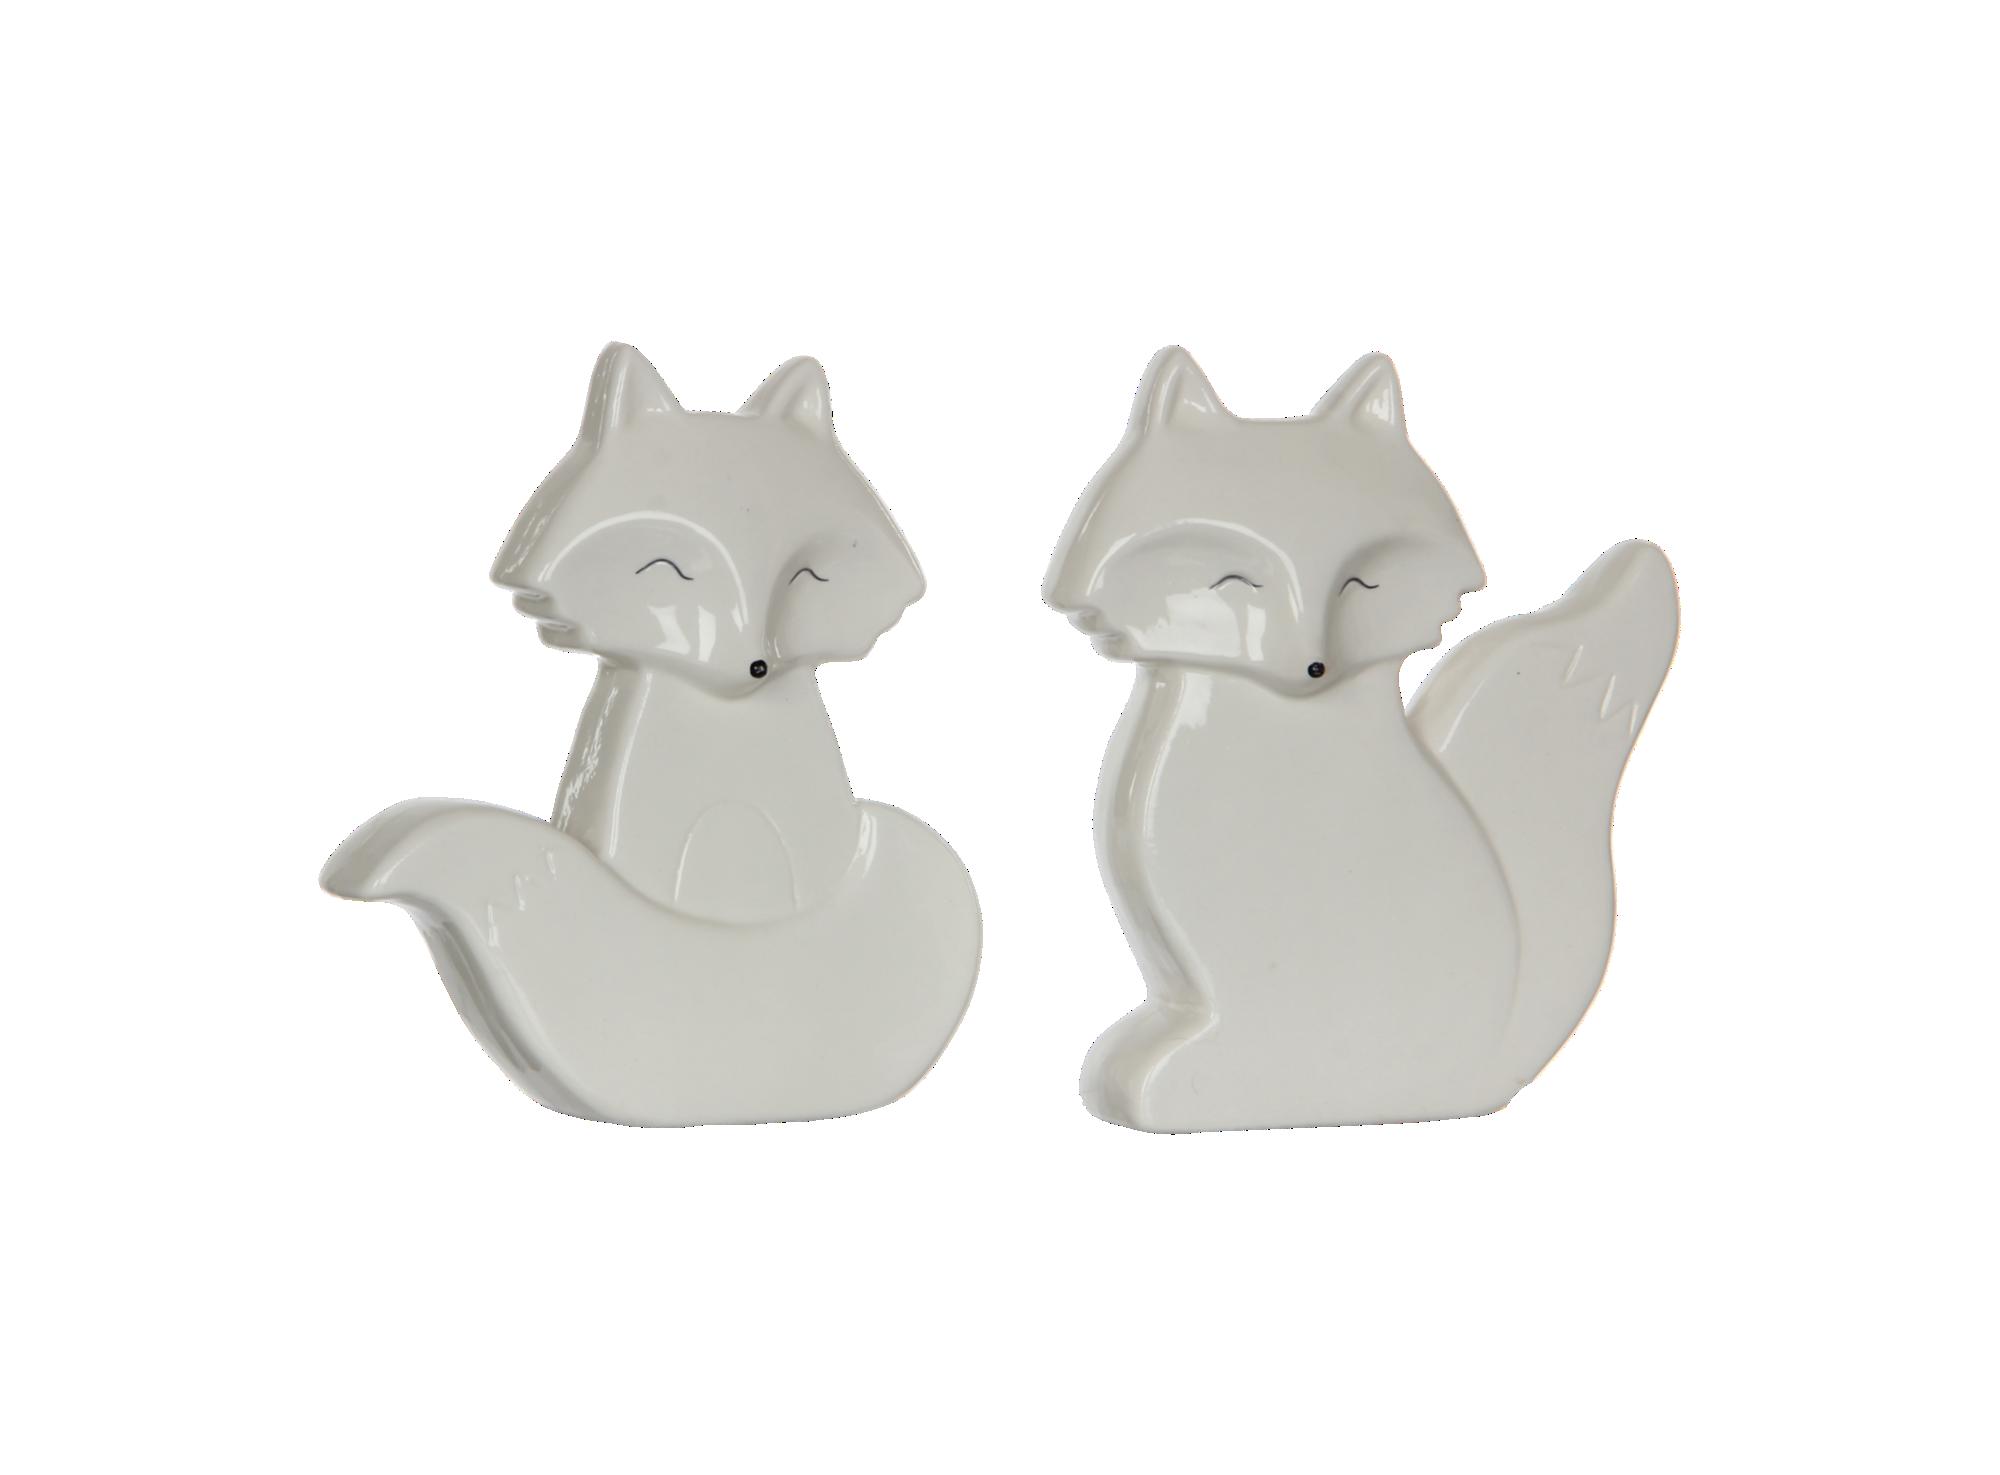 Deco renard h17 - coloris blanc - 2 modeles au choix